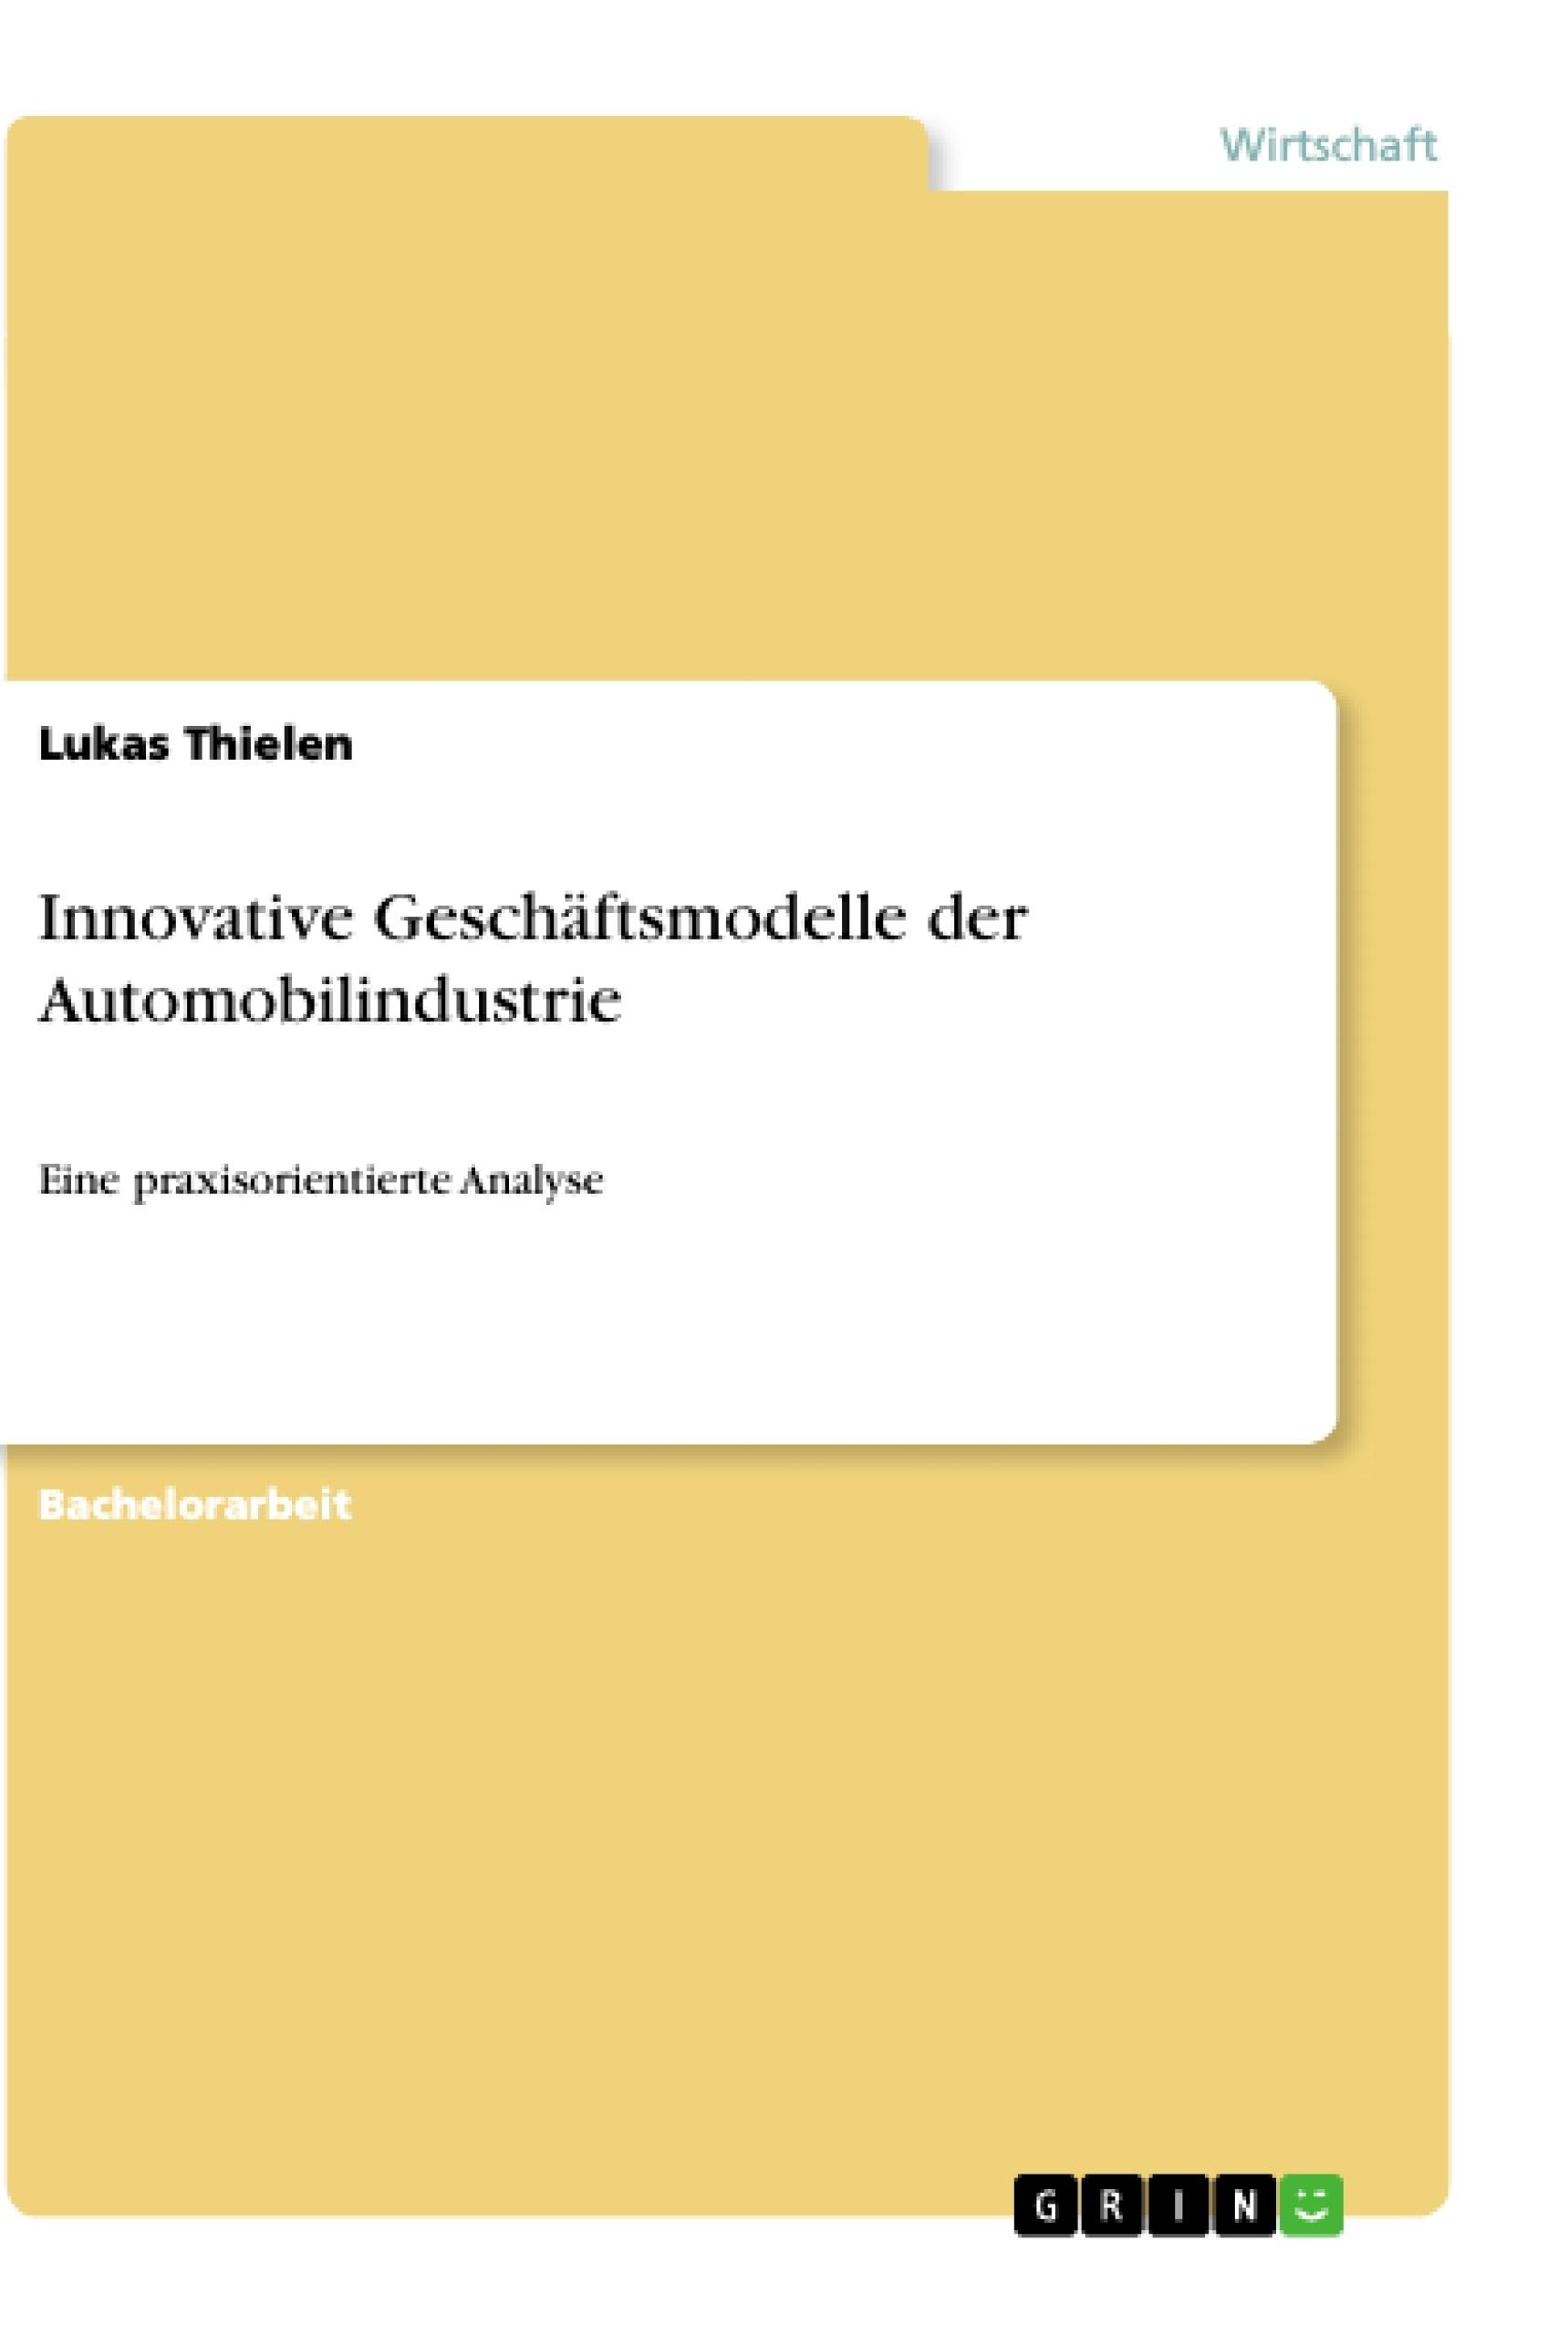 Titel: Innovative Geschäftsmodelle der Automobilindustrie